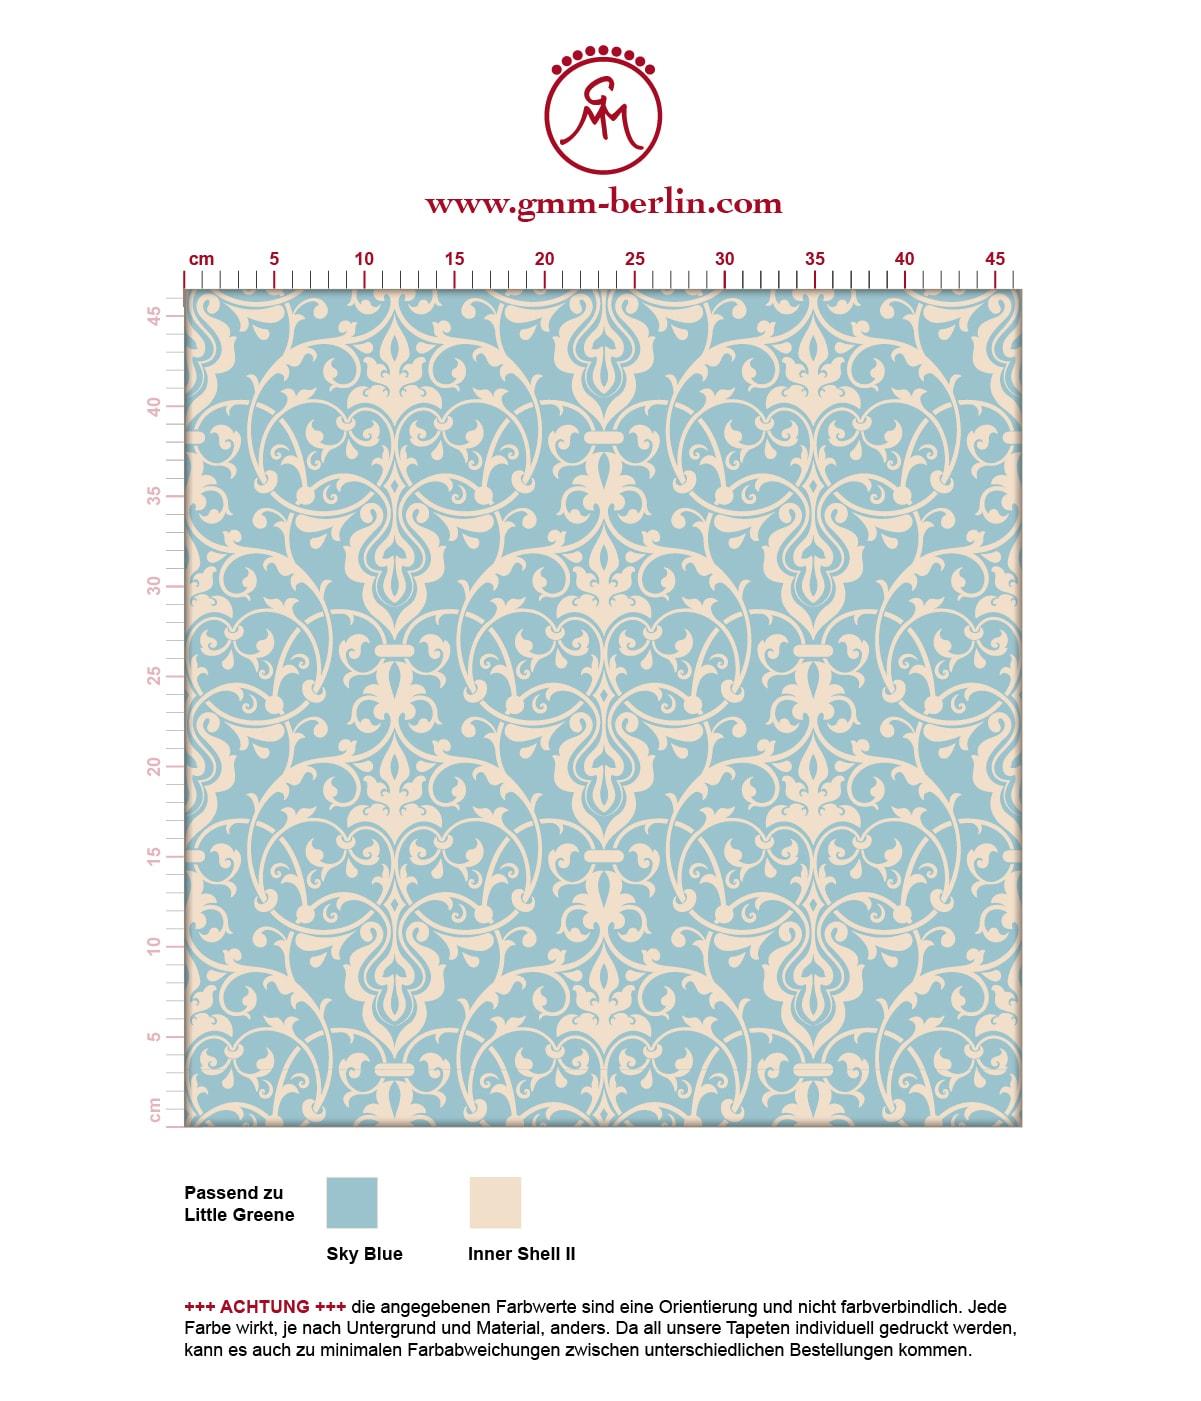 Hellblaue, dezent üppige Tapete mit klassischem Damast Muster angepasst an Little Greene Wandfarben. Aus dem GMM-BERLIN.com Sortiment: Schöne Tapeten in creme Farbe